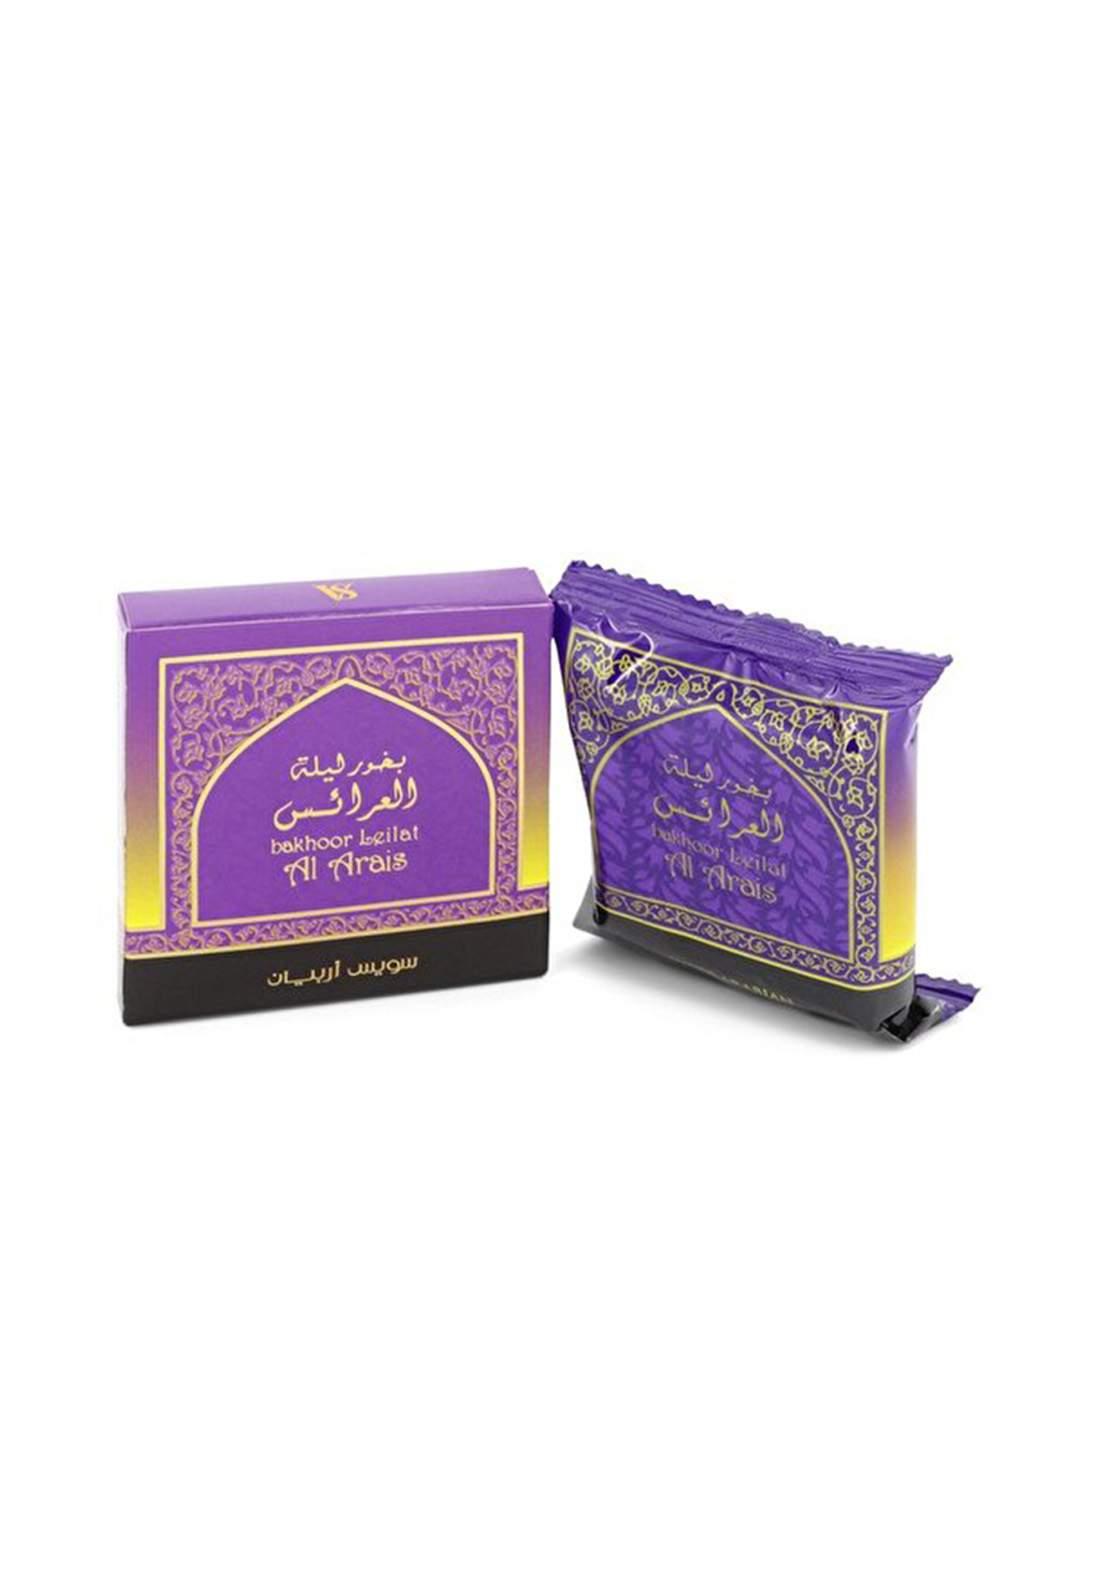 Swiss Arabian 1401  Leilat Al Arais by  Bakhoor Incense 40 g بخور